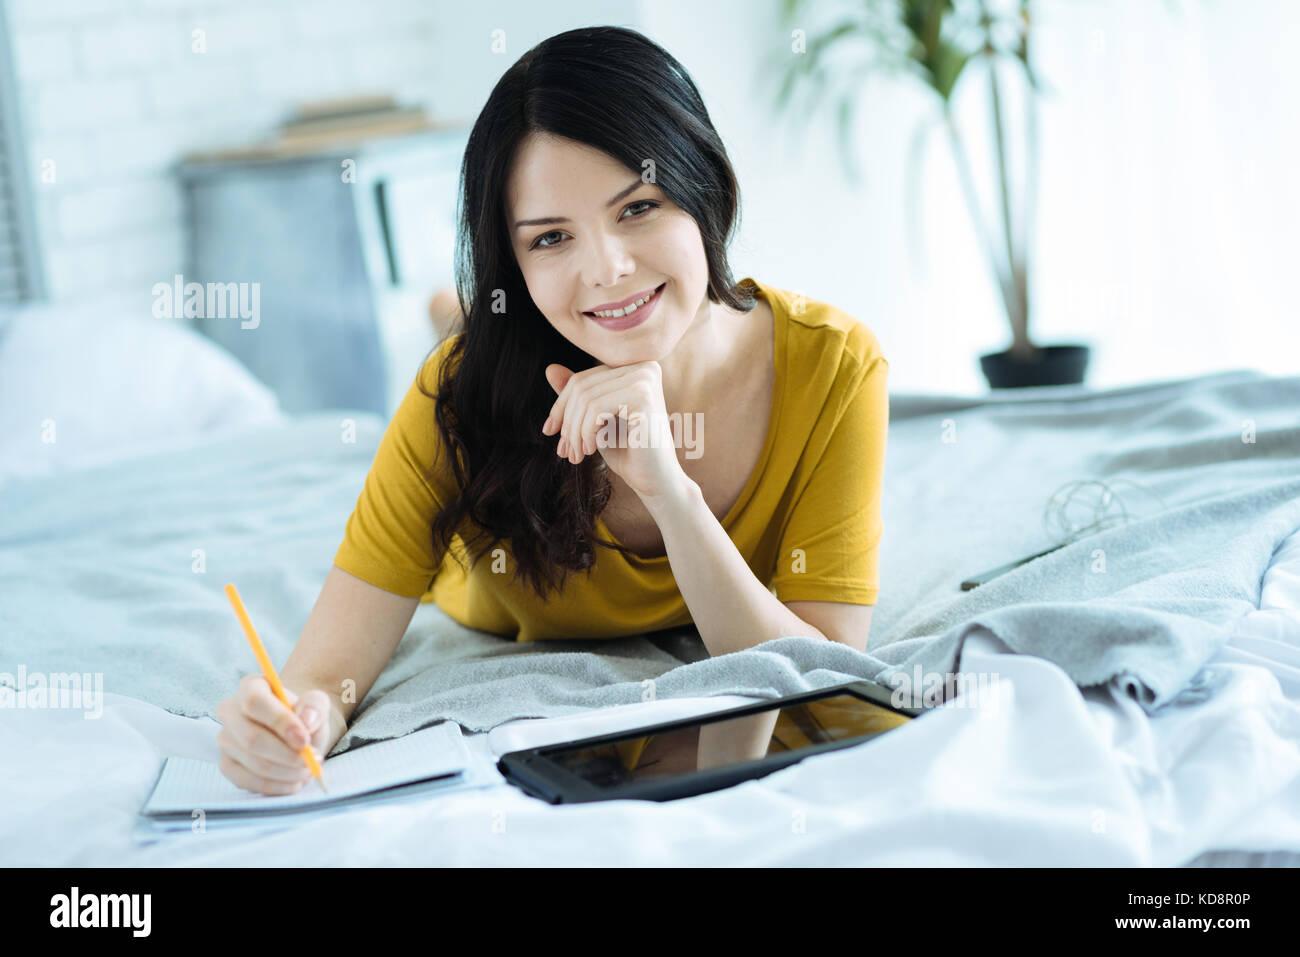 Femmina godendo freelance che lavora da casa Immagini Stock